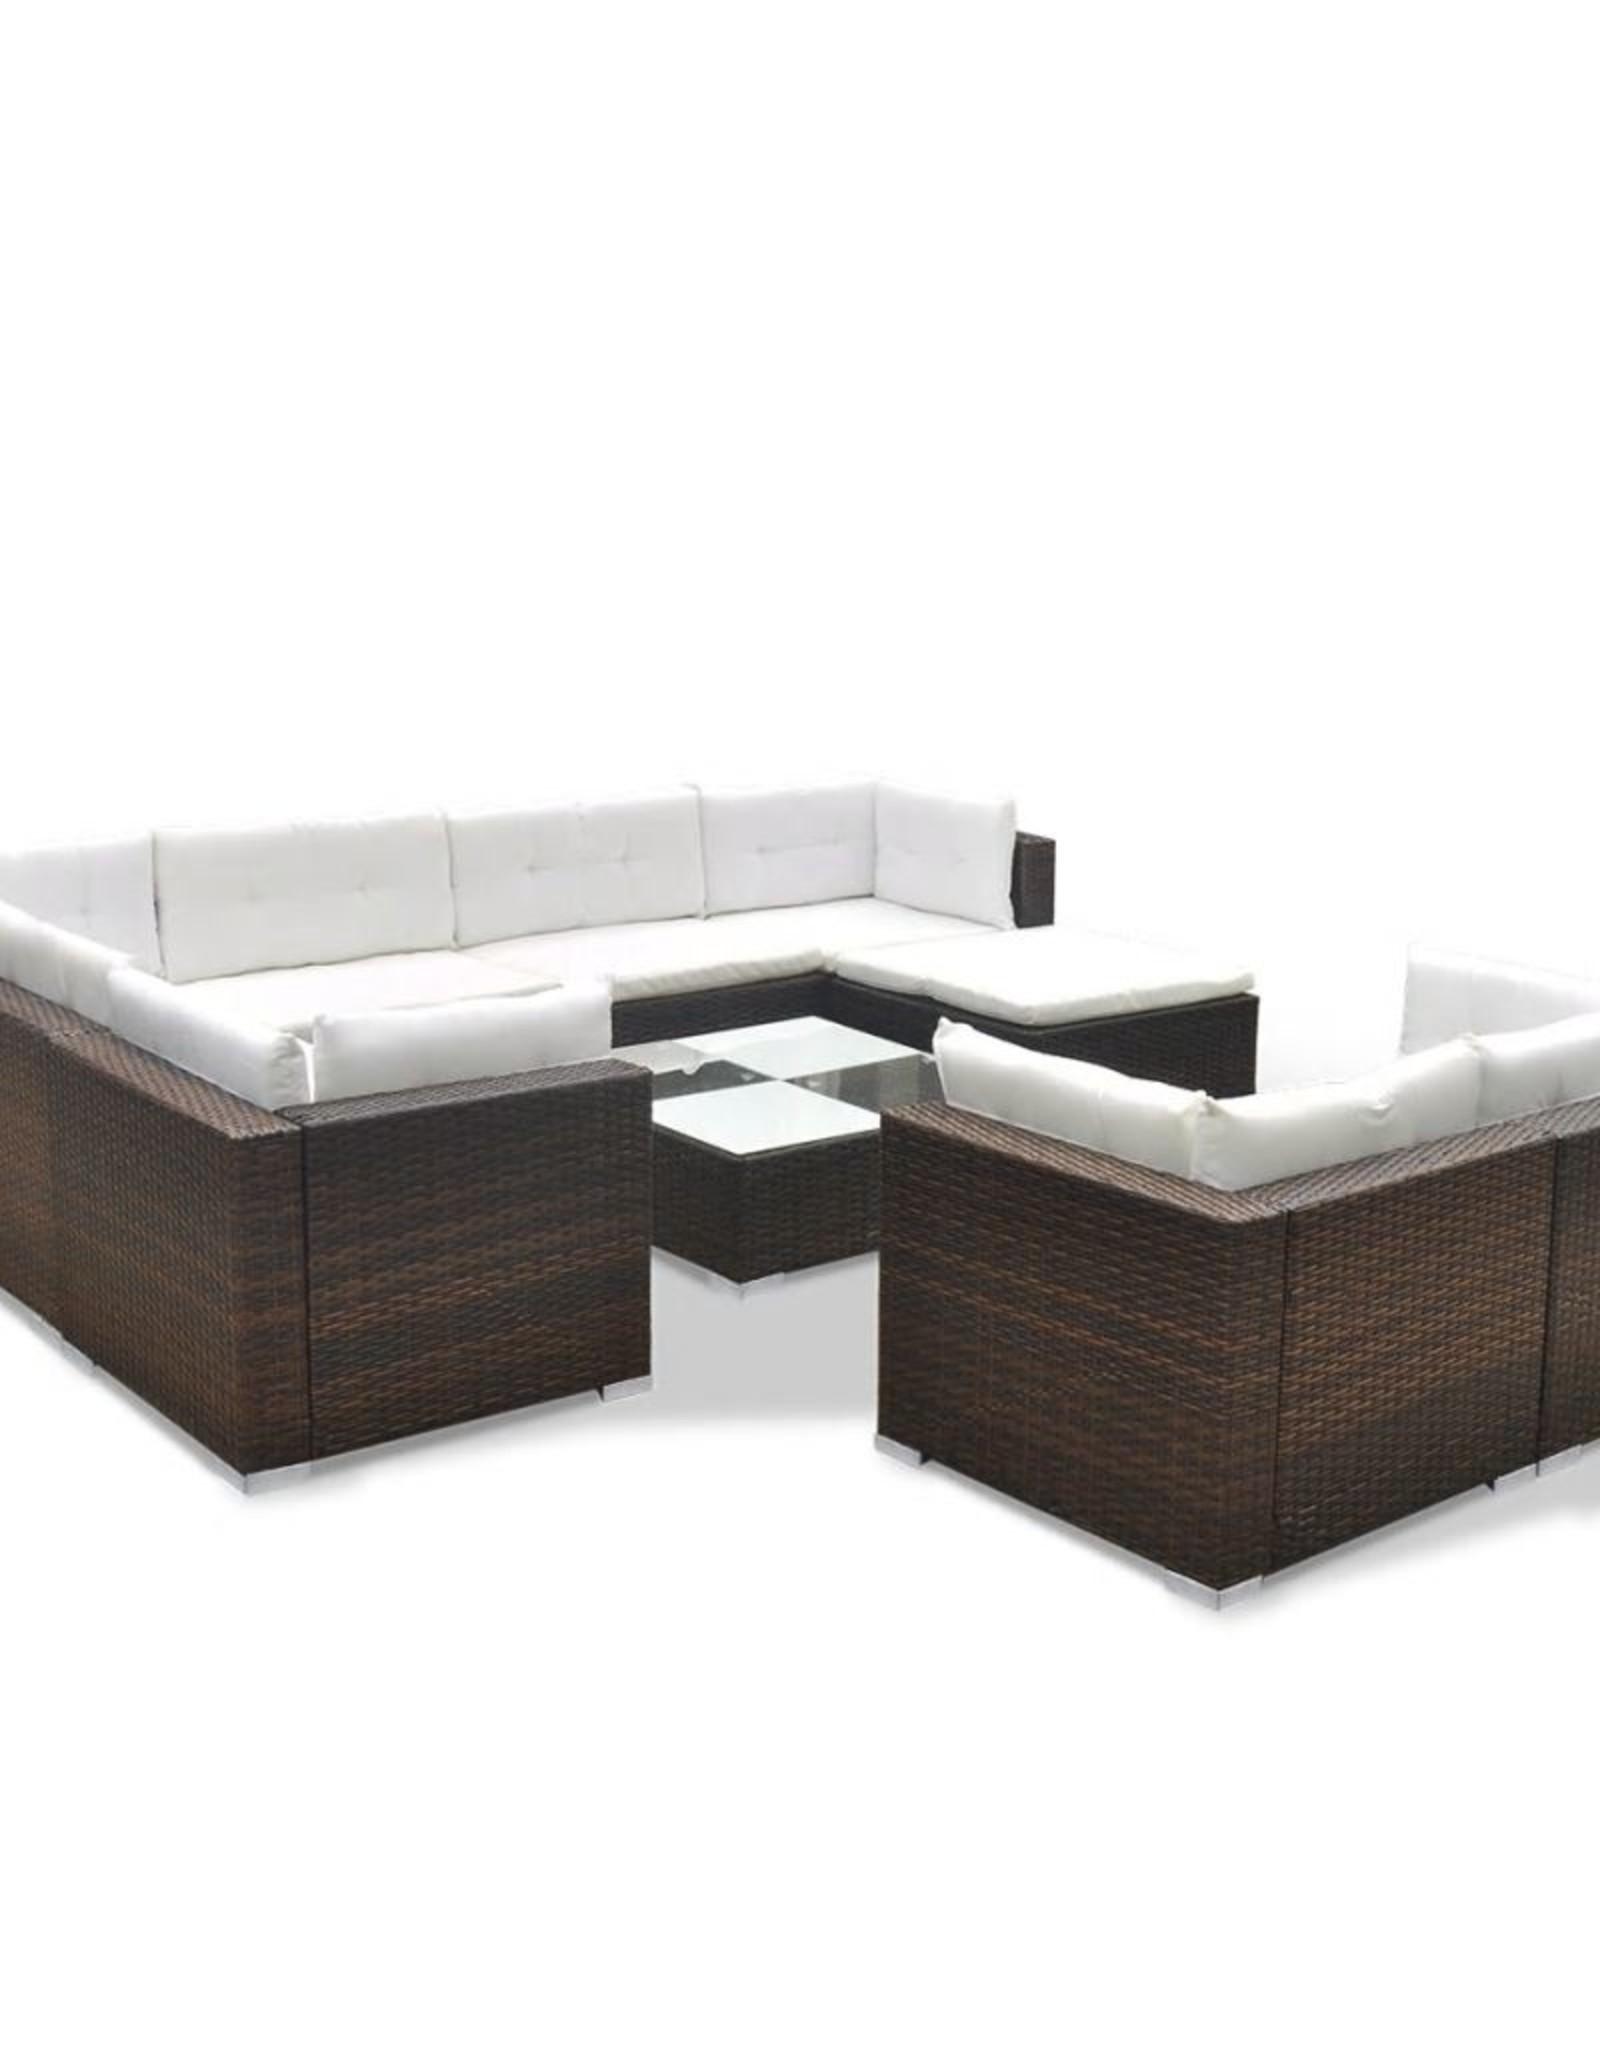 vidaXL 10-delige Loungeset met kussens poly rattan bruin